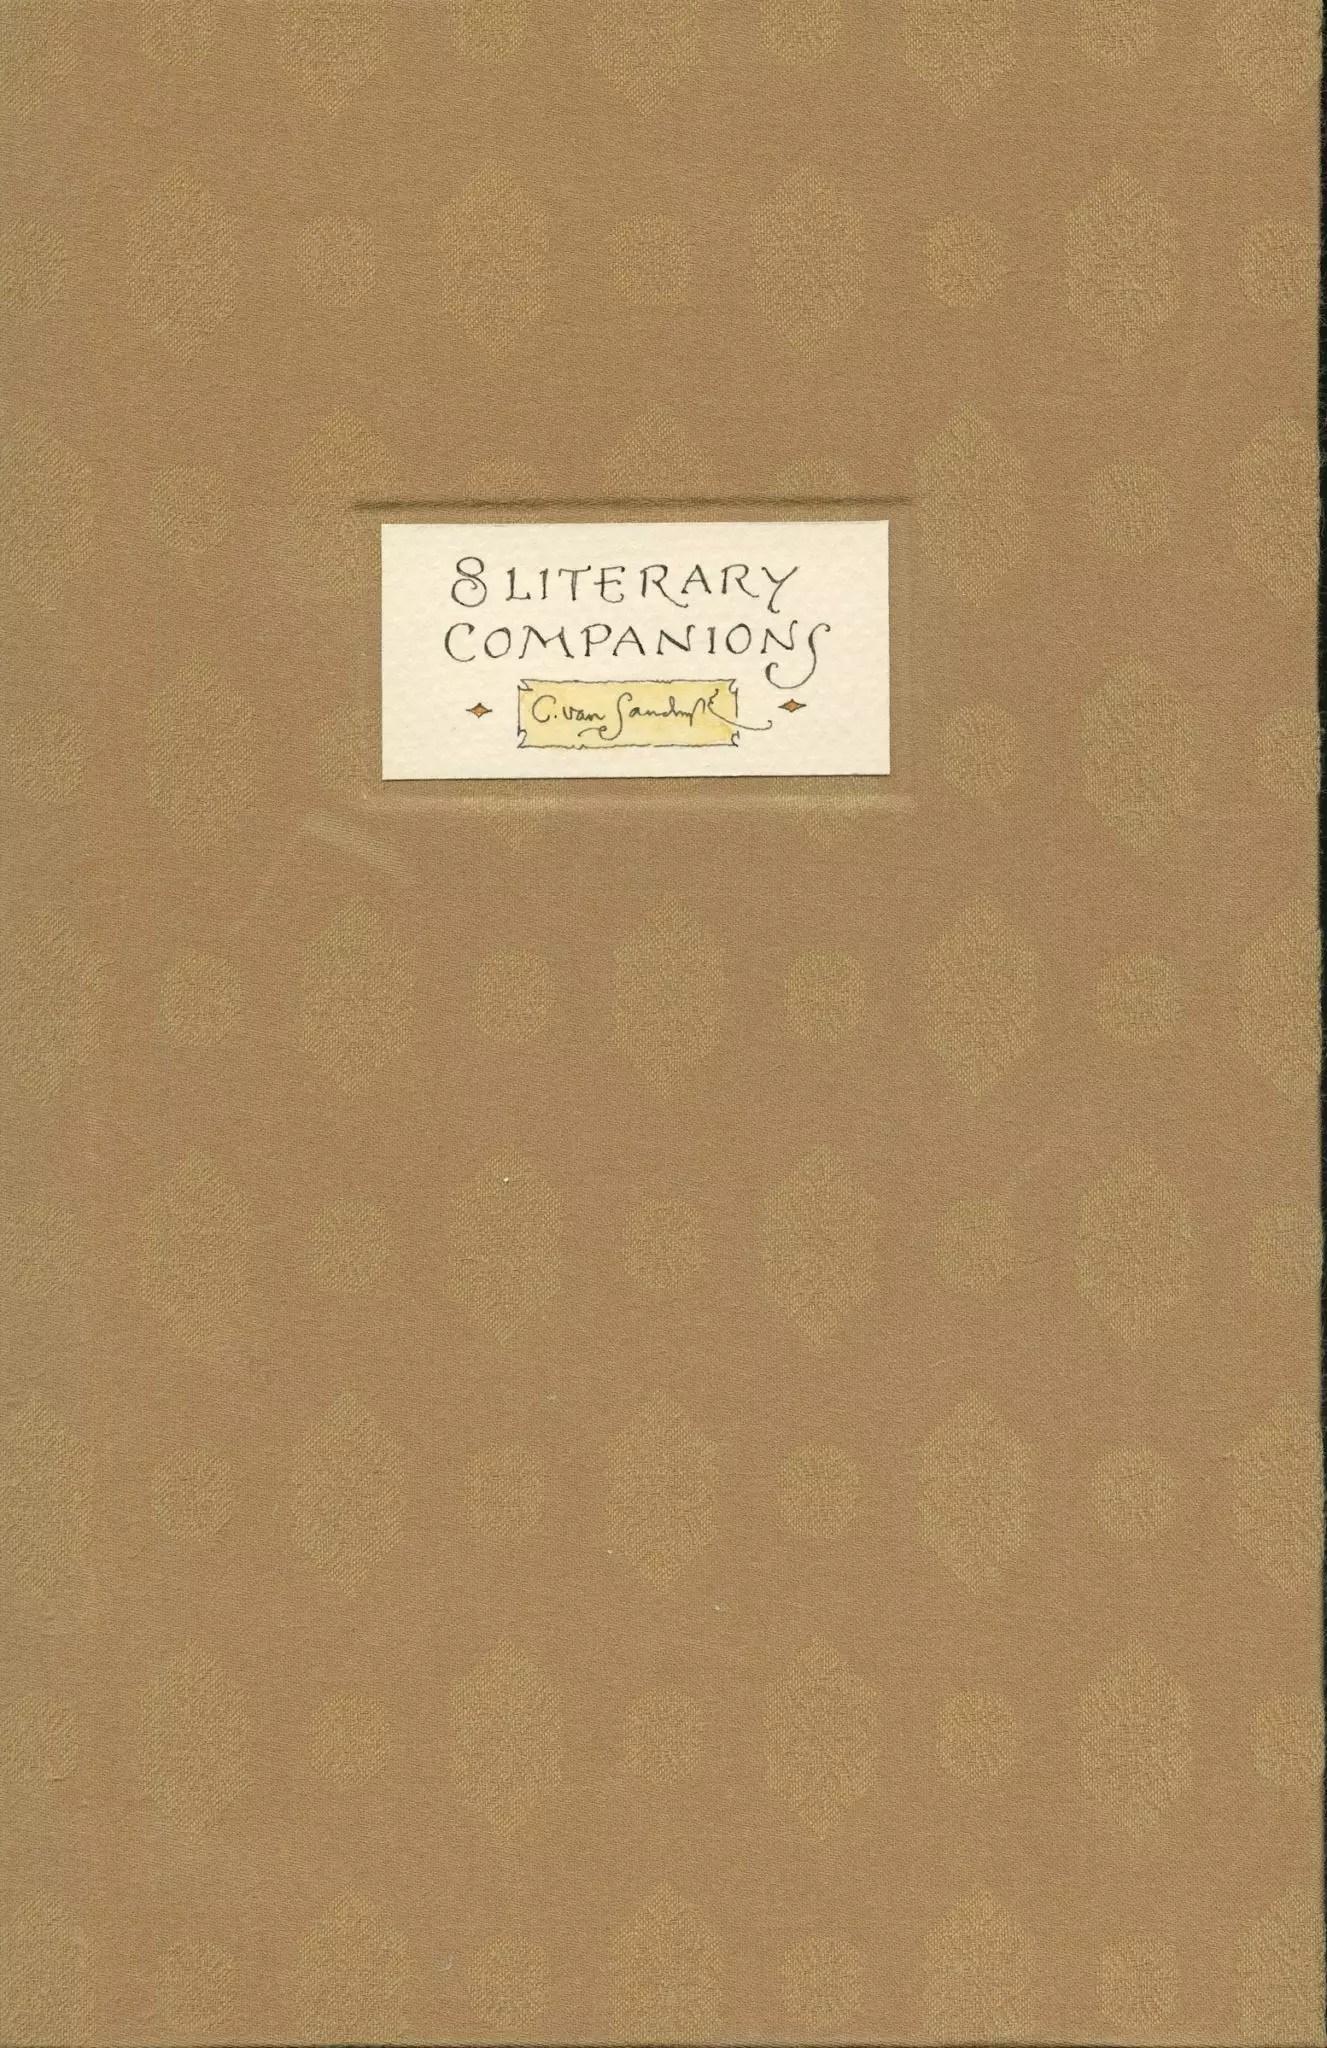 2018 CVS 8 Literary Companions cover